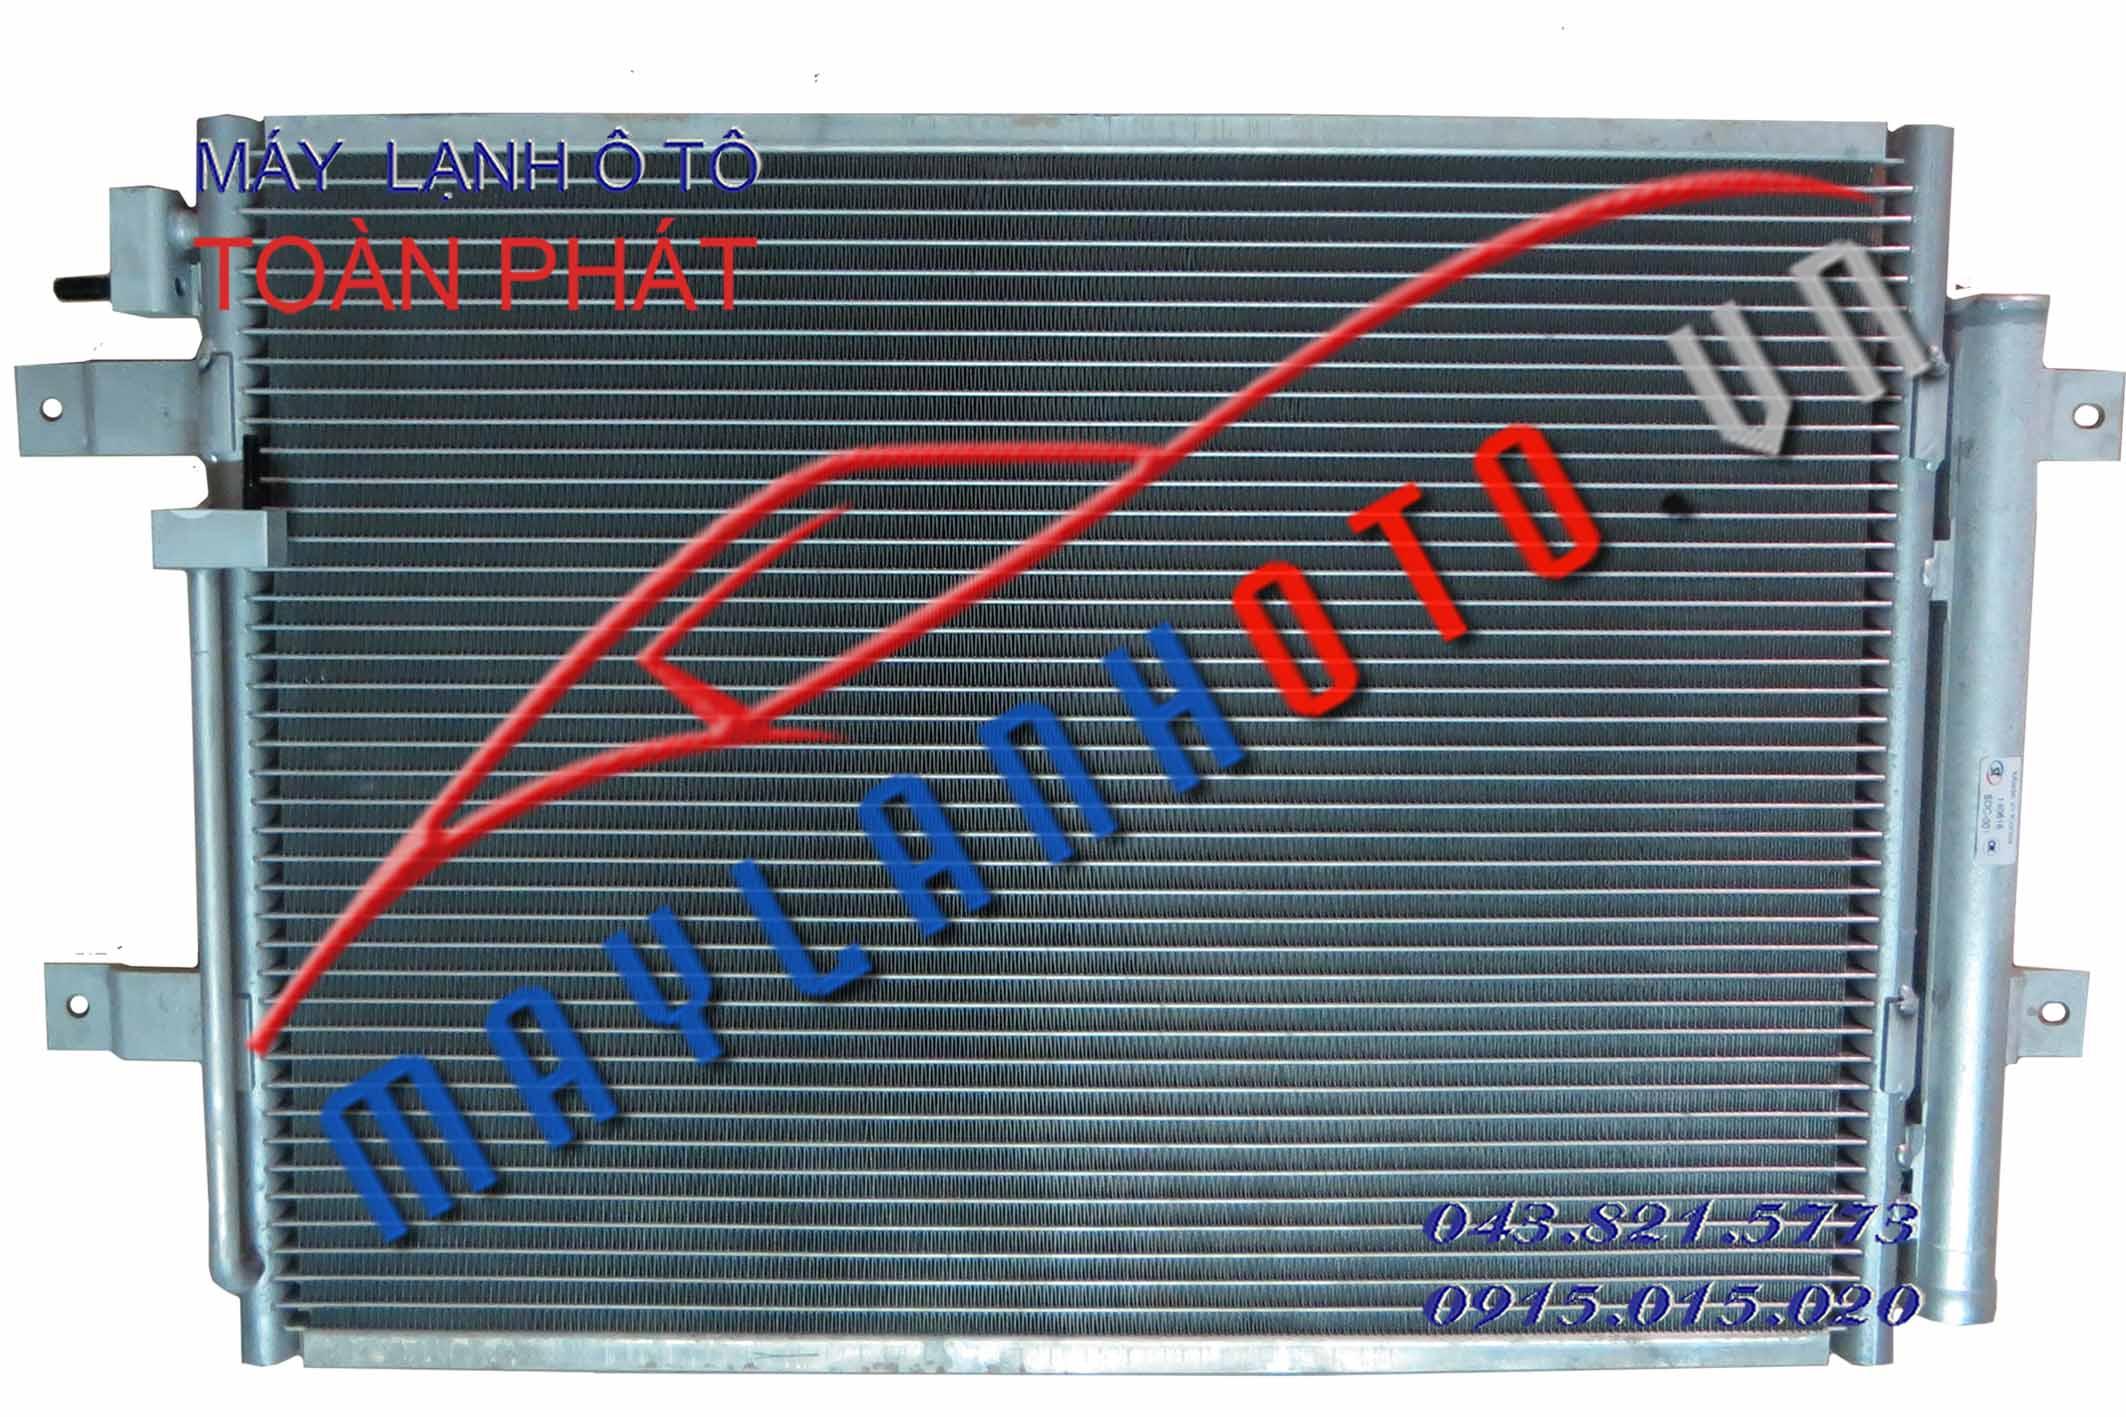 15-24 Tấn (mặt bích rời) / Giàn nóng điều hòa Hyundai 15-24 tấn / Dàn nóng điều hòa Hyundai 15-24 tấn